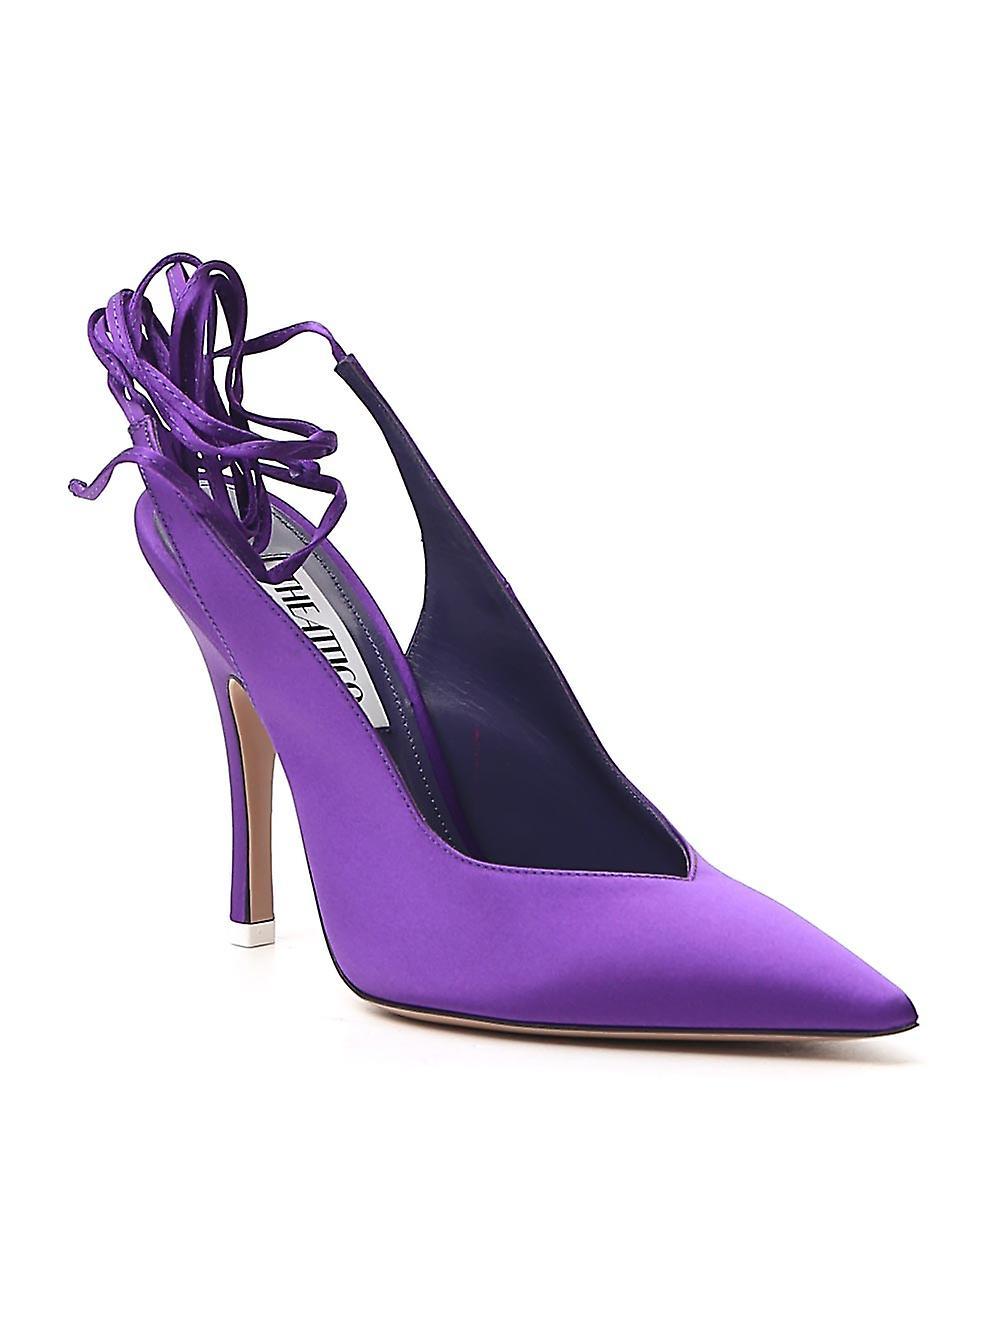 Attico 192ws032v015012 Women's Purple Satin Pumps